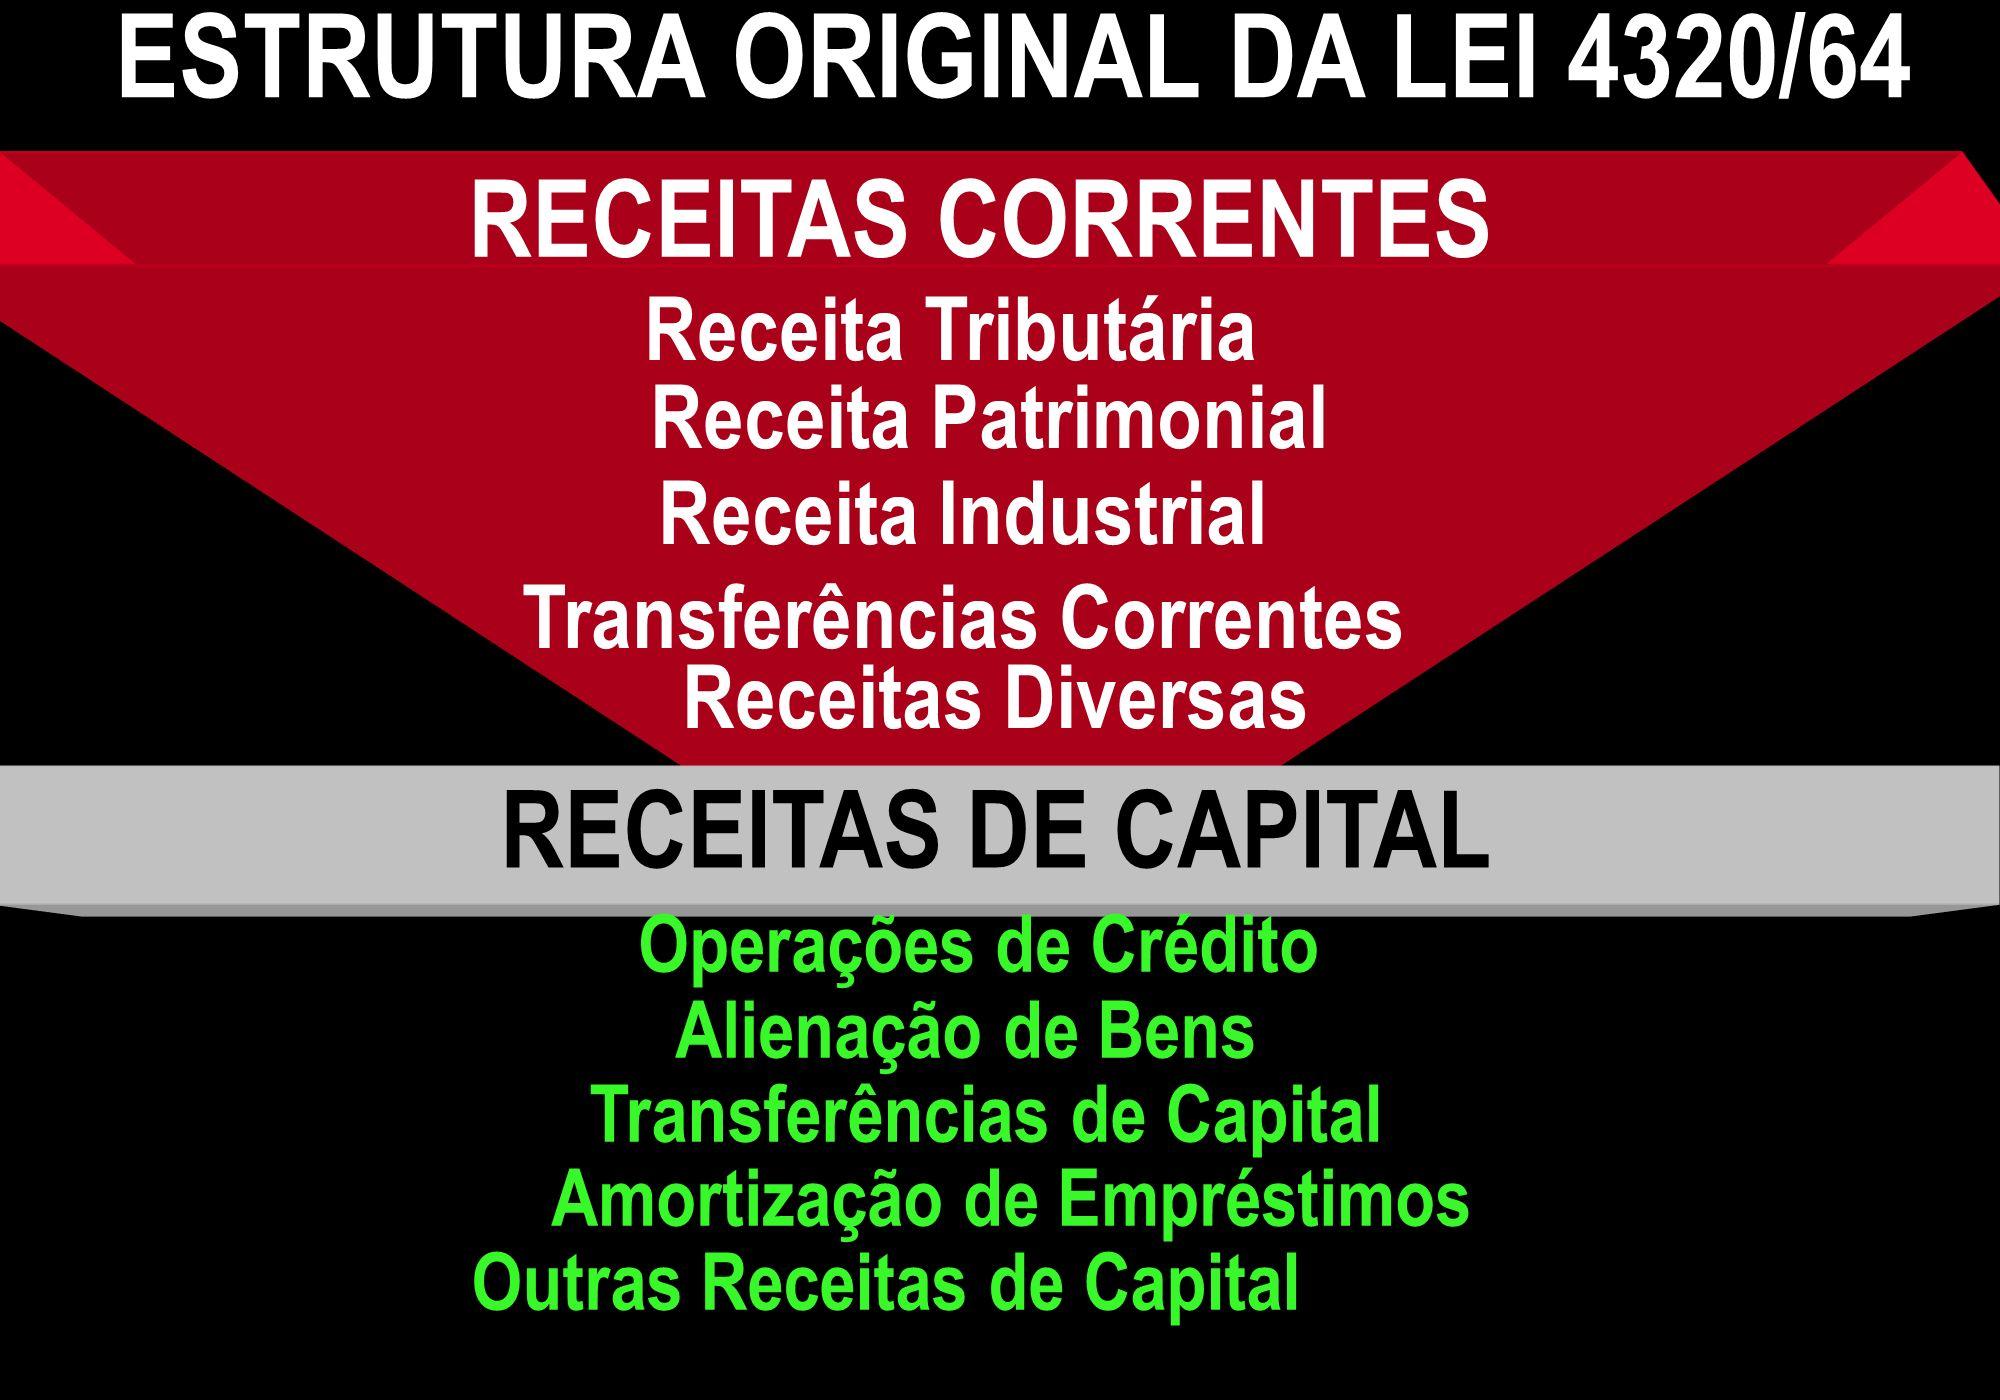 RECEITAS CORRENTES RECEITAS DE CAPITAL Operações de Crédito Amortização de Empréstimos Alienação de Bens Transferências de Capital Outras Receitas de